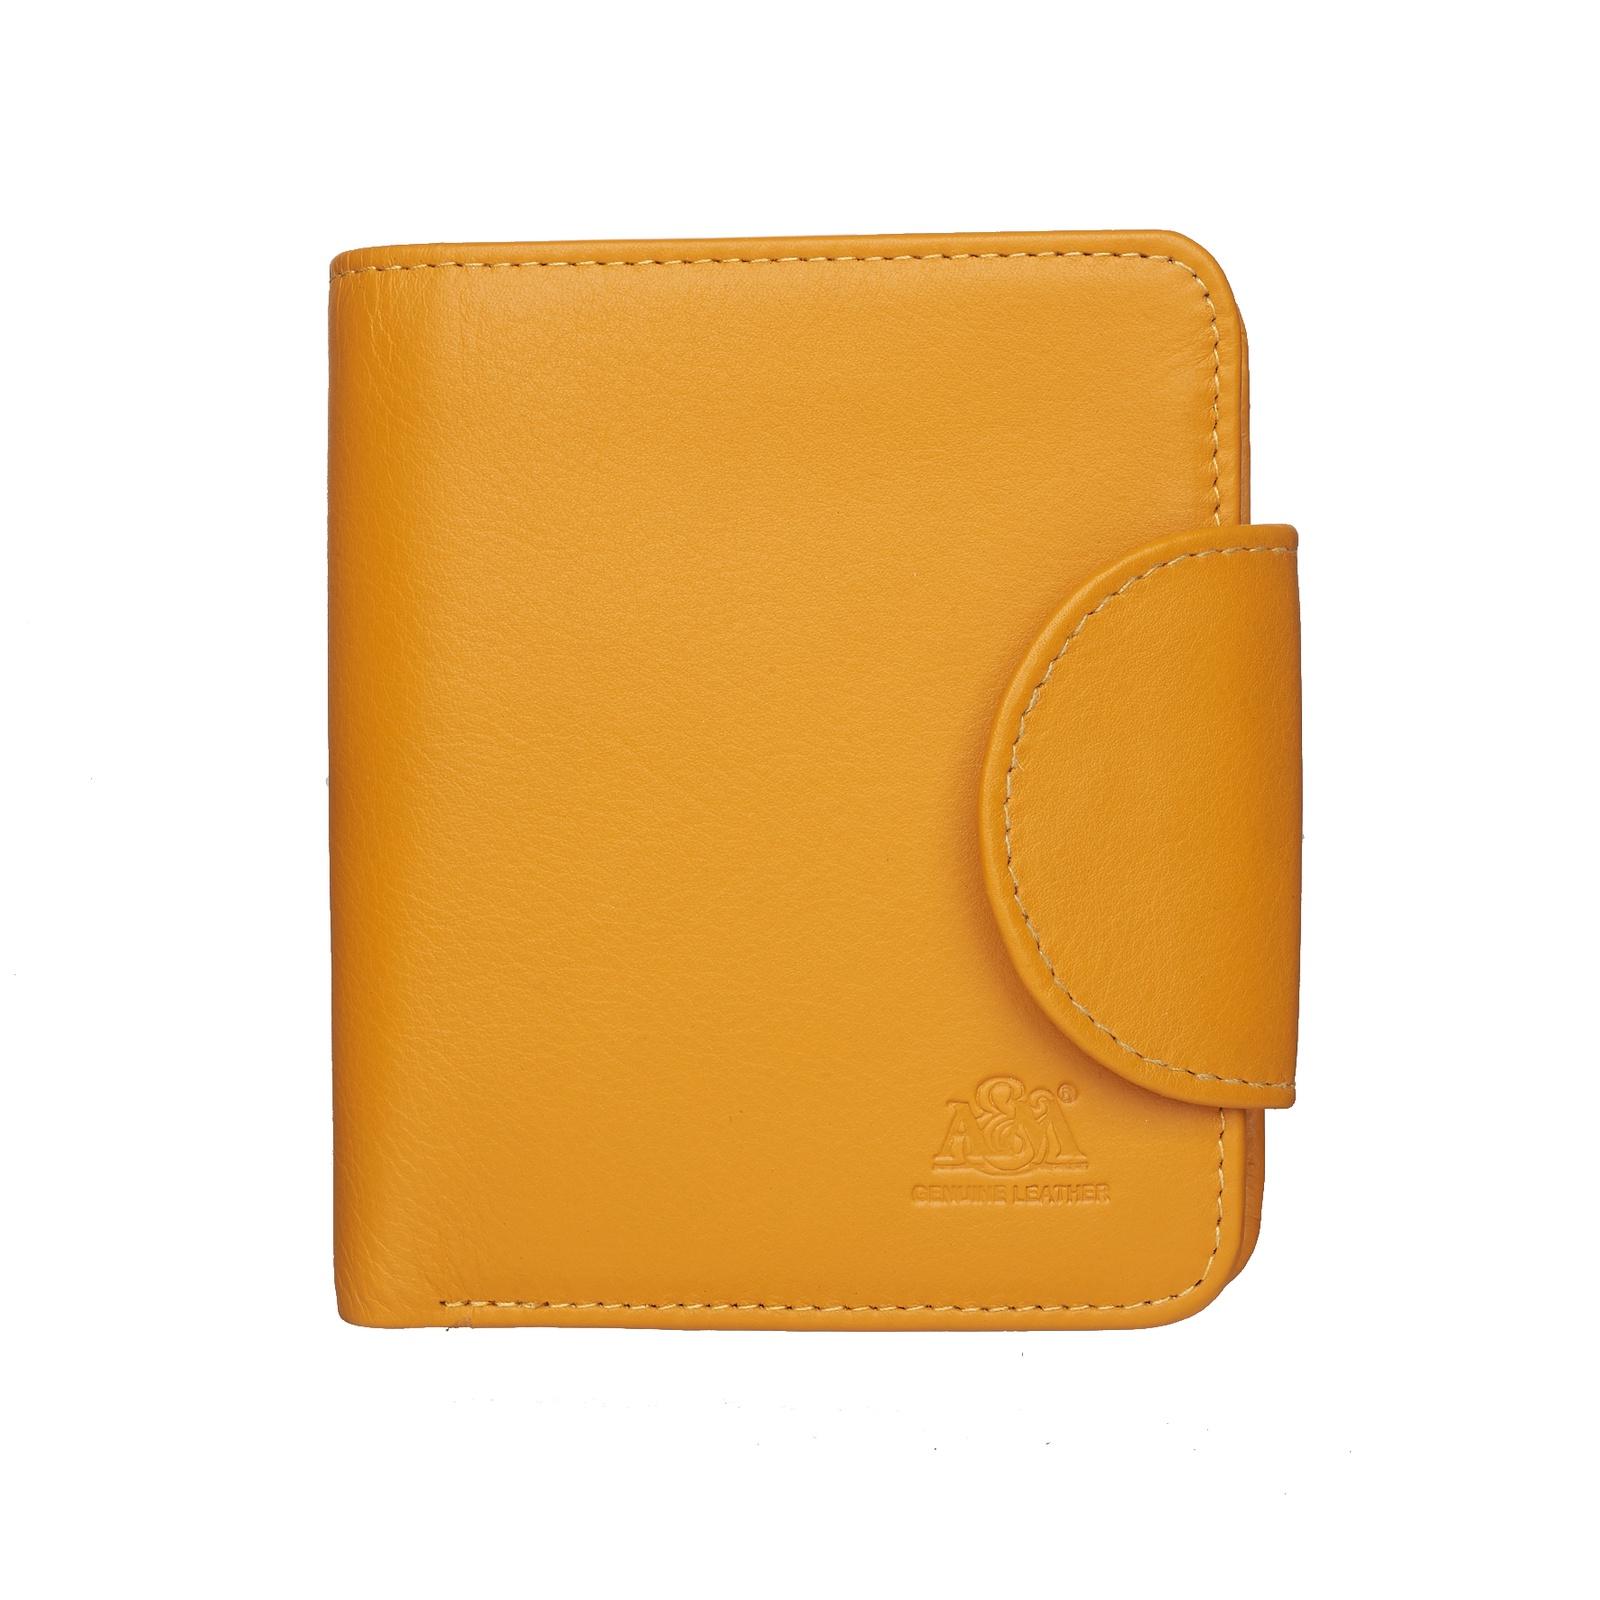 цена Портмоне A&M женское, 2650Yellow, желтый, желтый онлайн в 2017 году